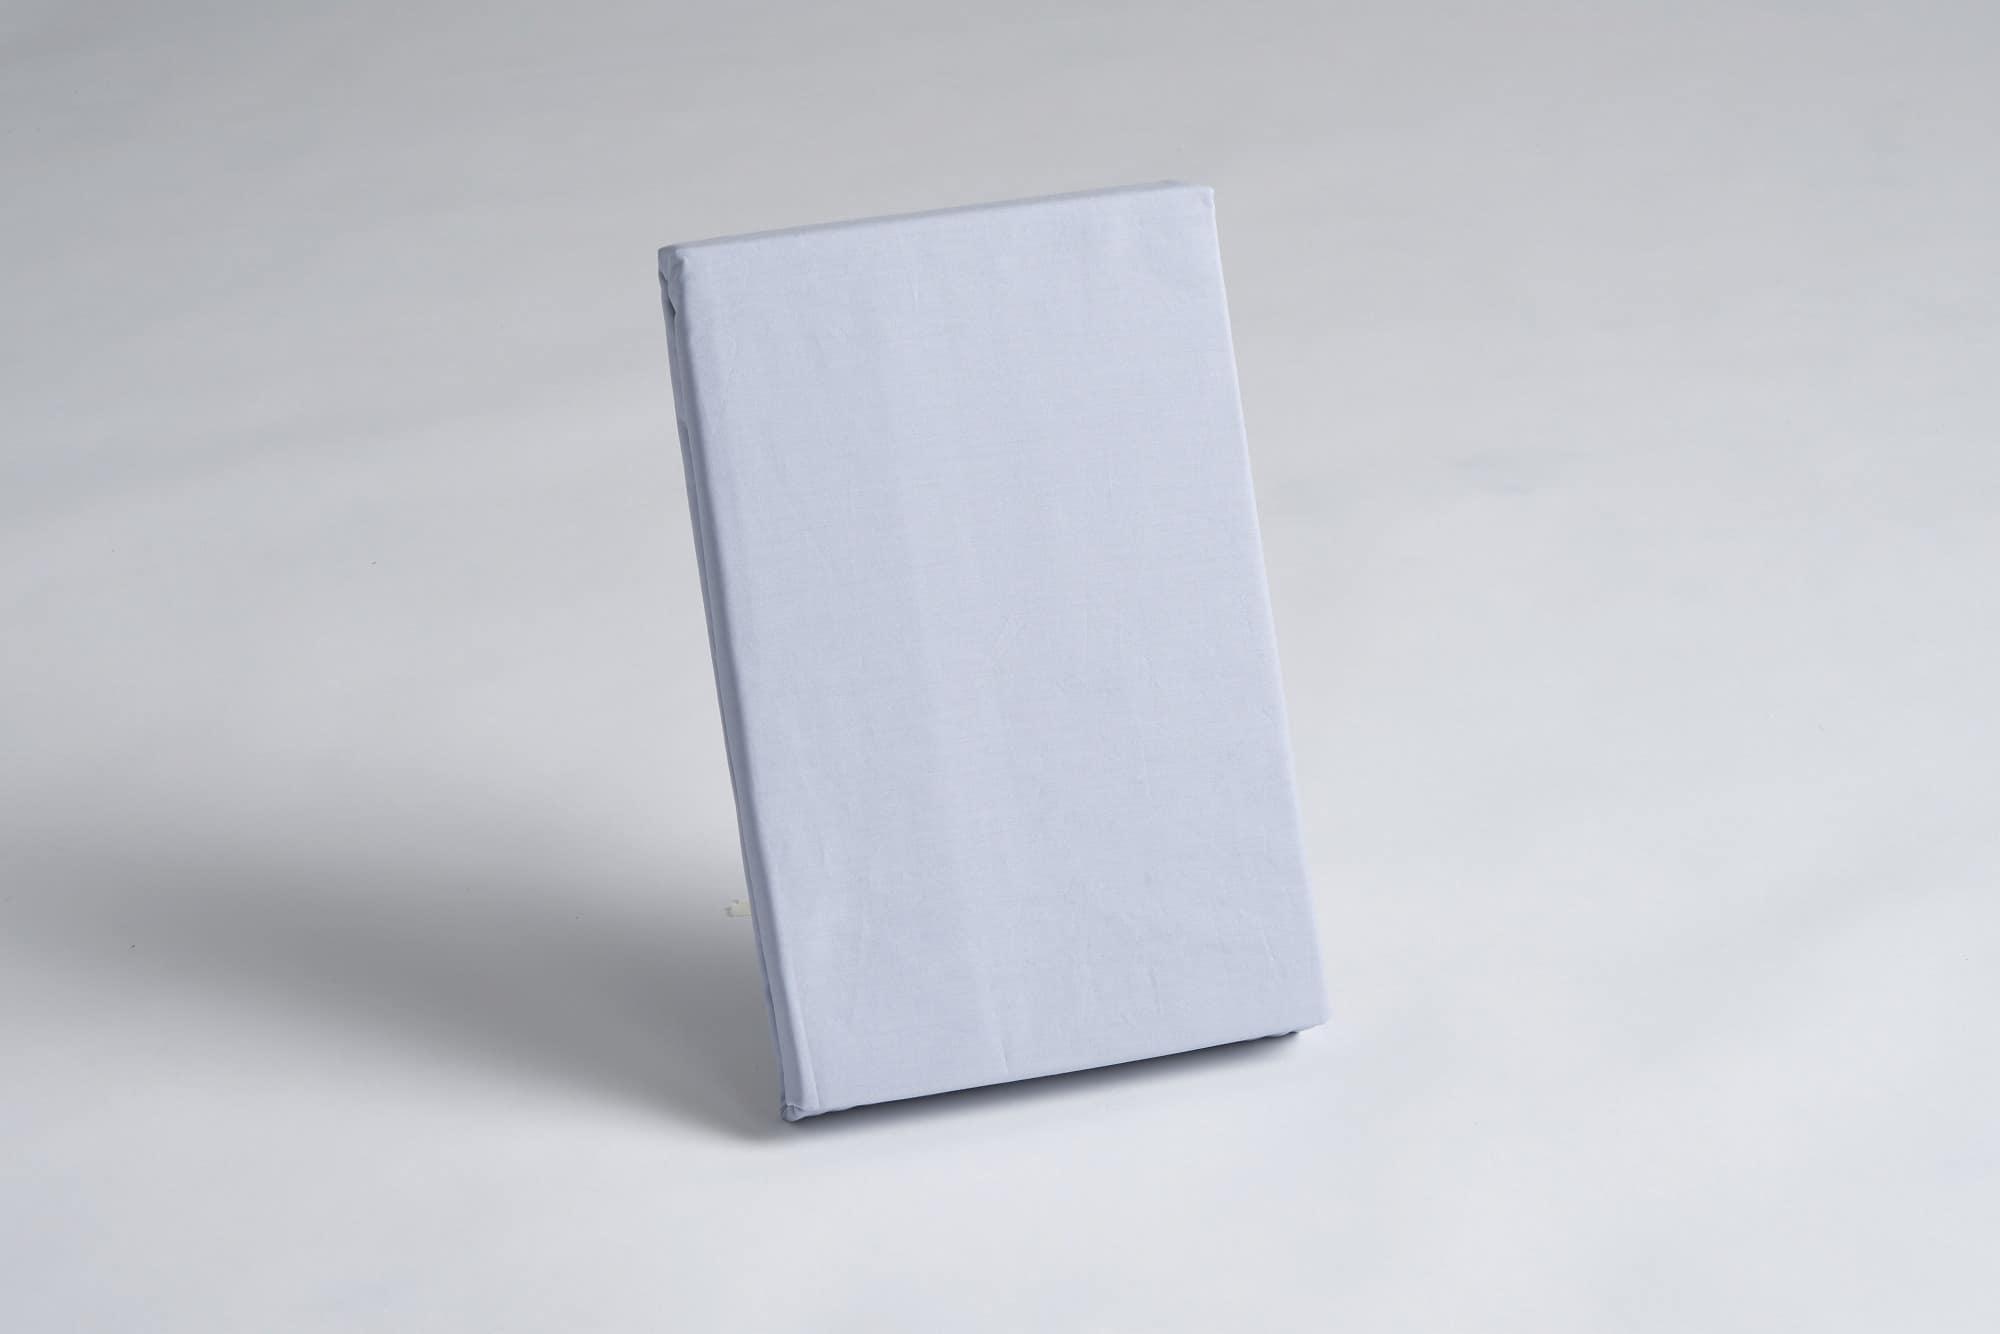 ボックスシーツ クイーン2用 45H ブルー:《綿100%を使用したボックスシーツ》